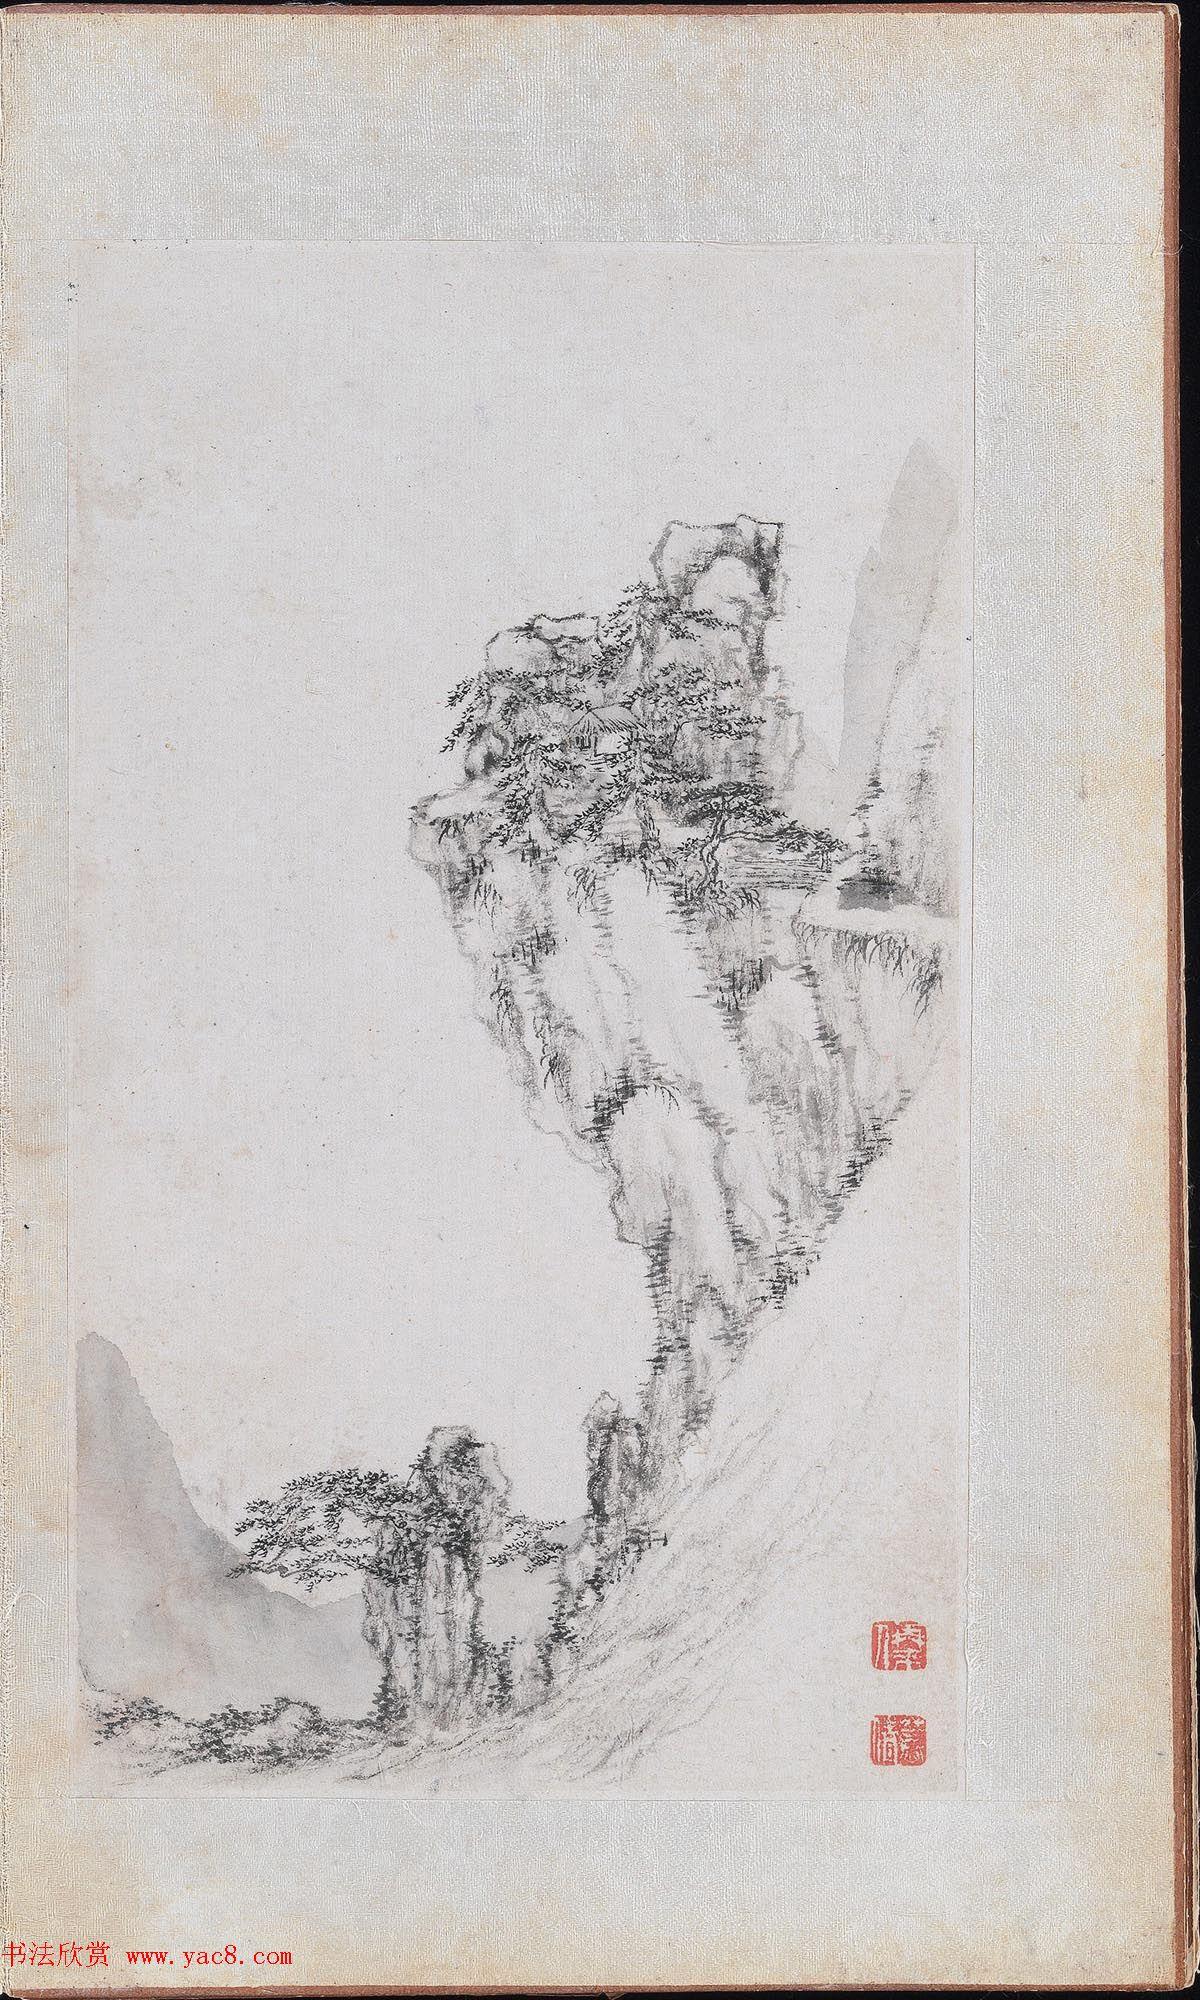 郑旼书法字画欣赏《黄山八景图册》